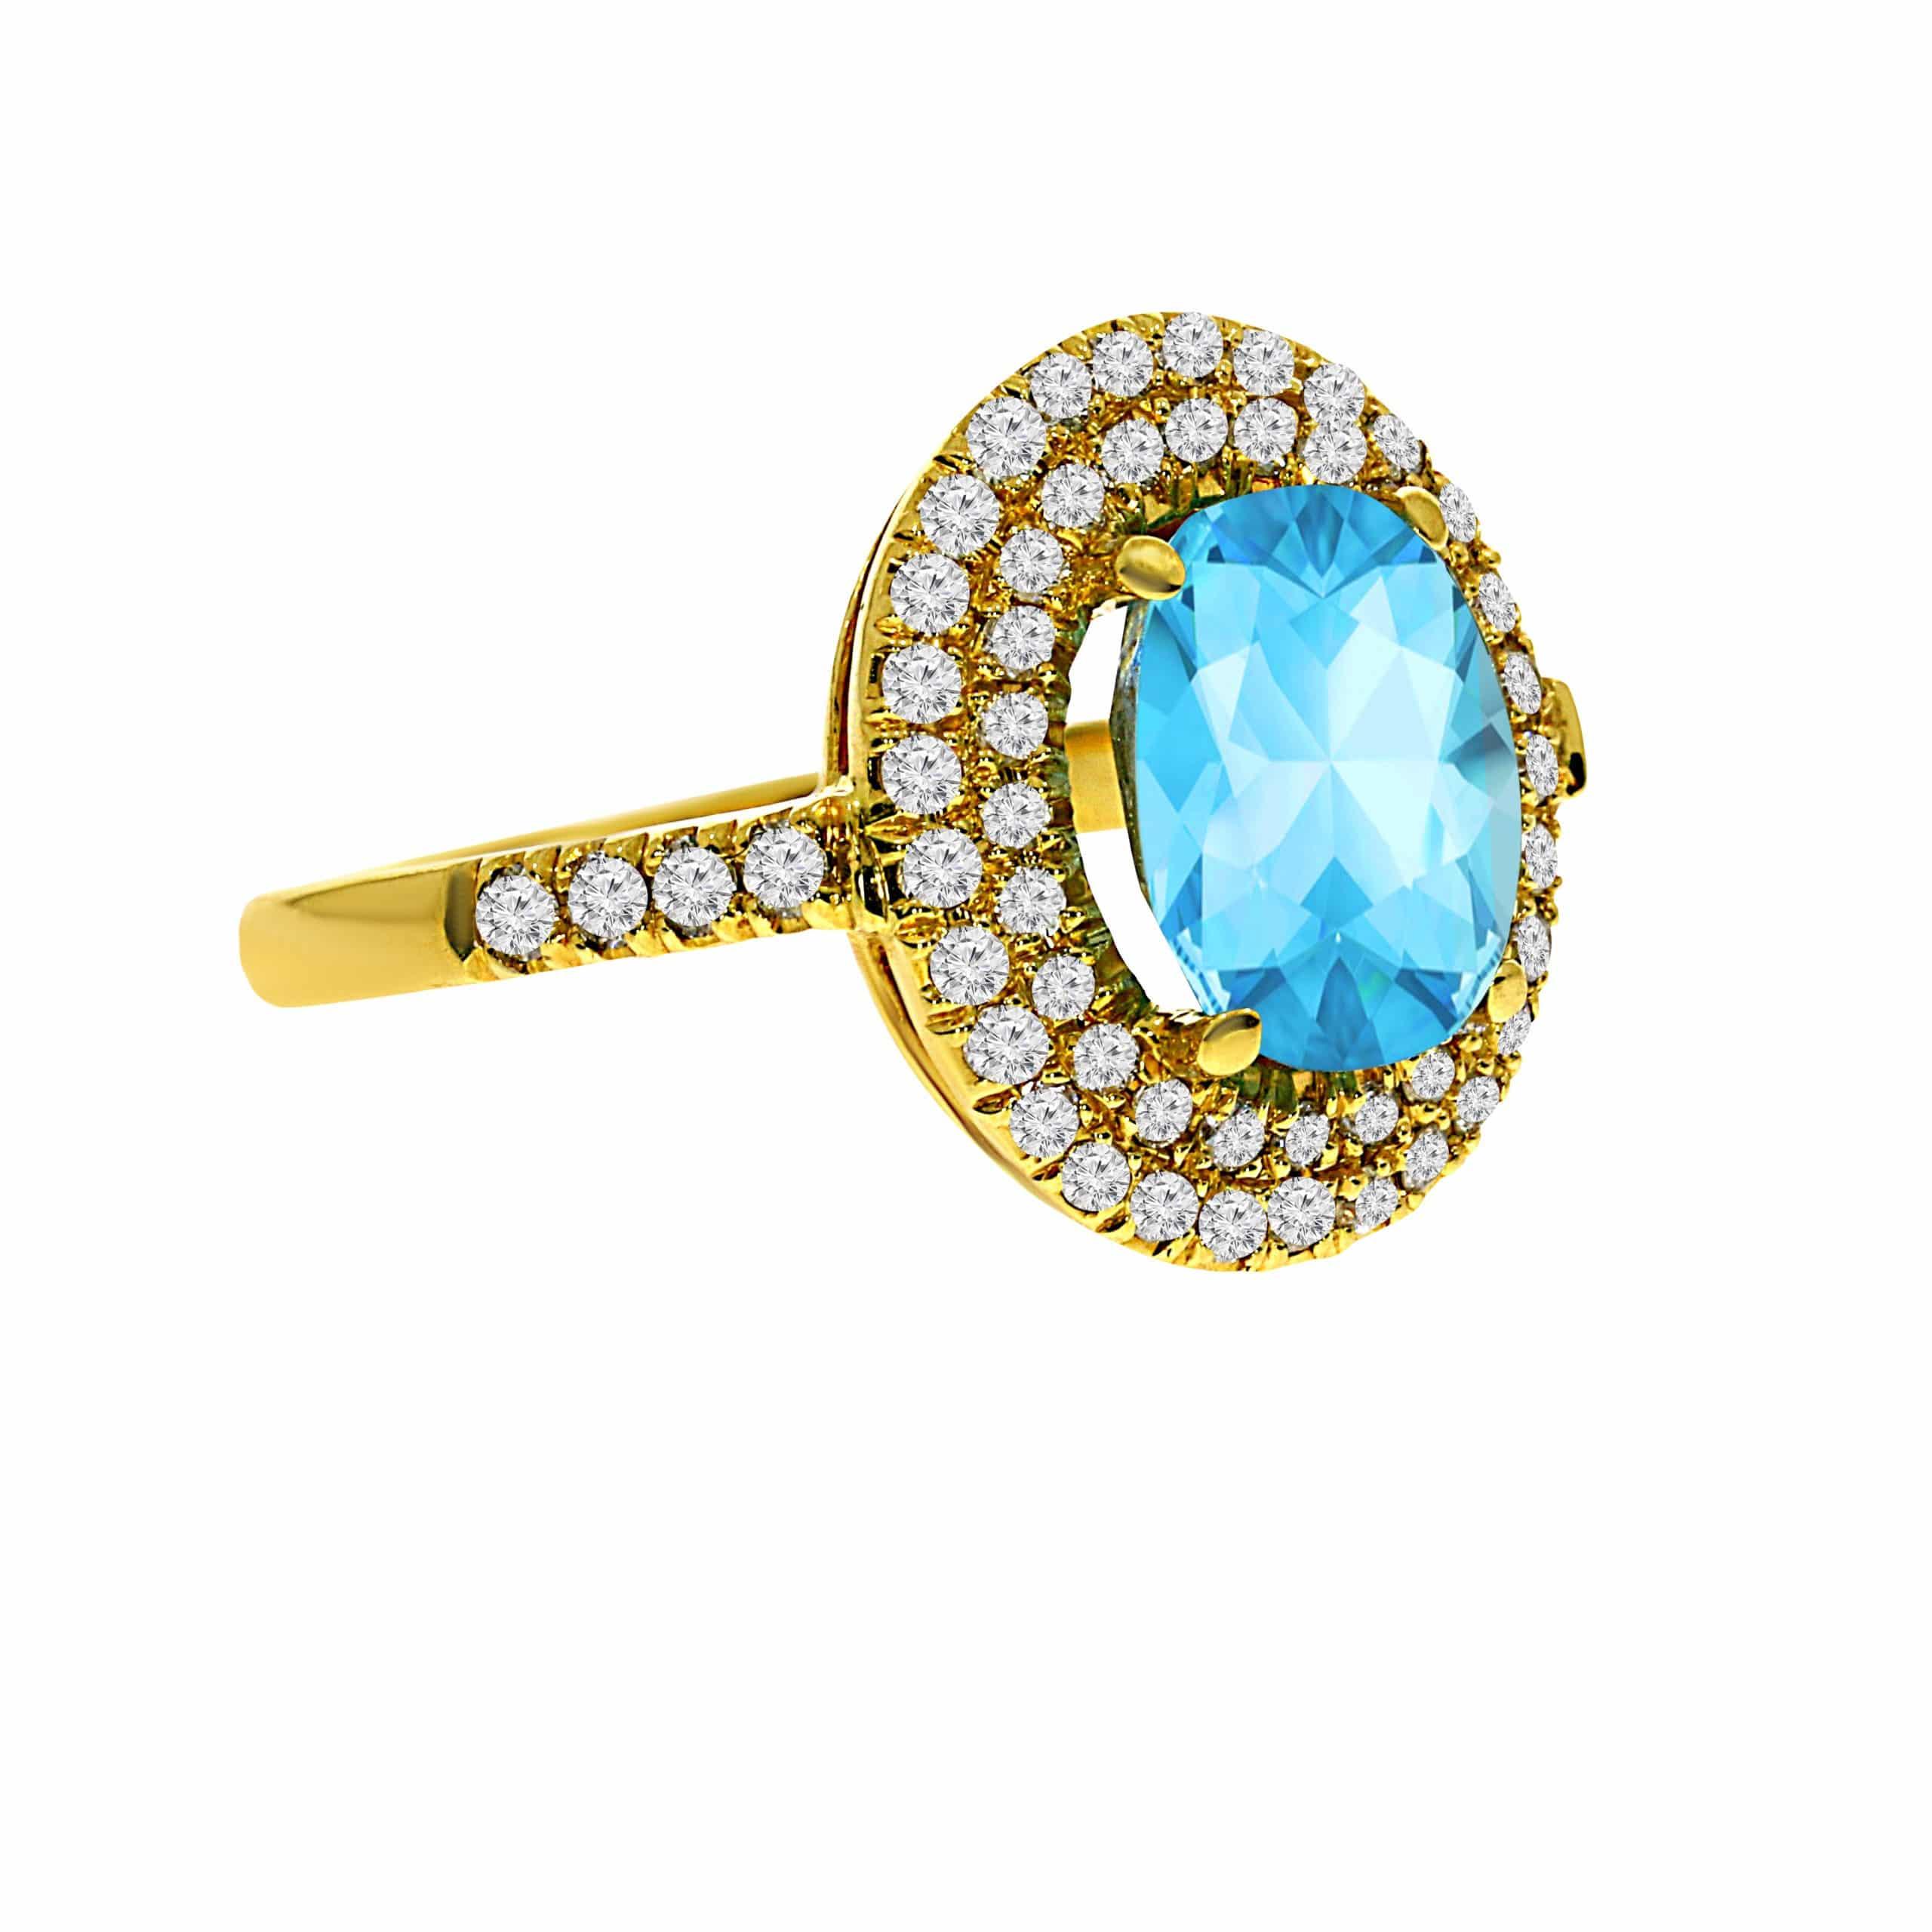 טבעת בלו טופז 3.37 קראט, זהב-צהוב 14 קראט, בשיבוץ 0.70 קראט יהלומים